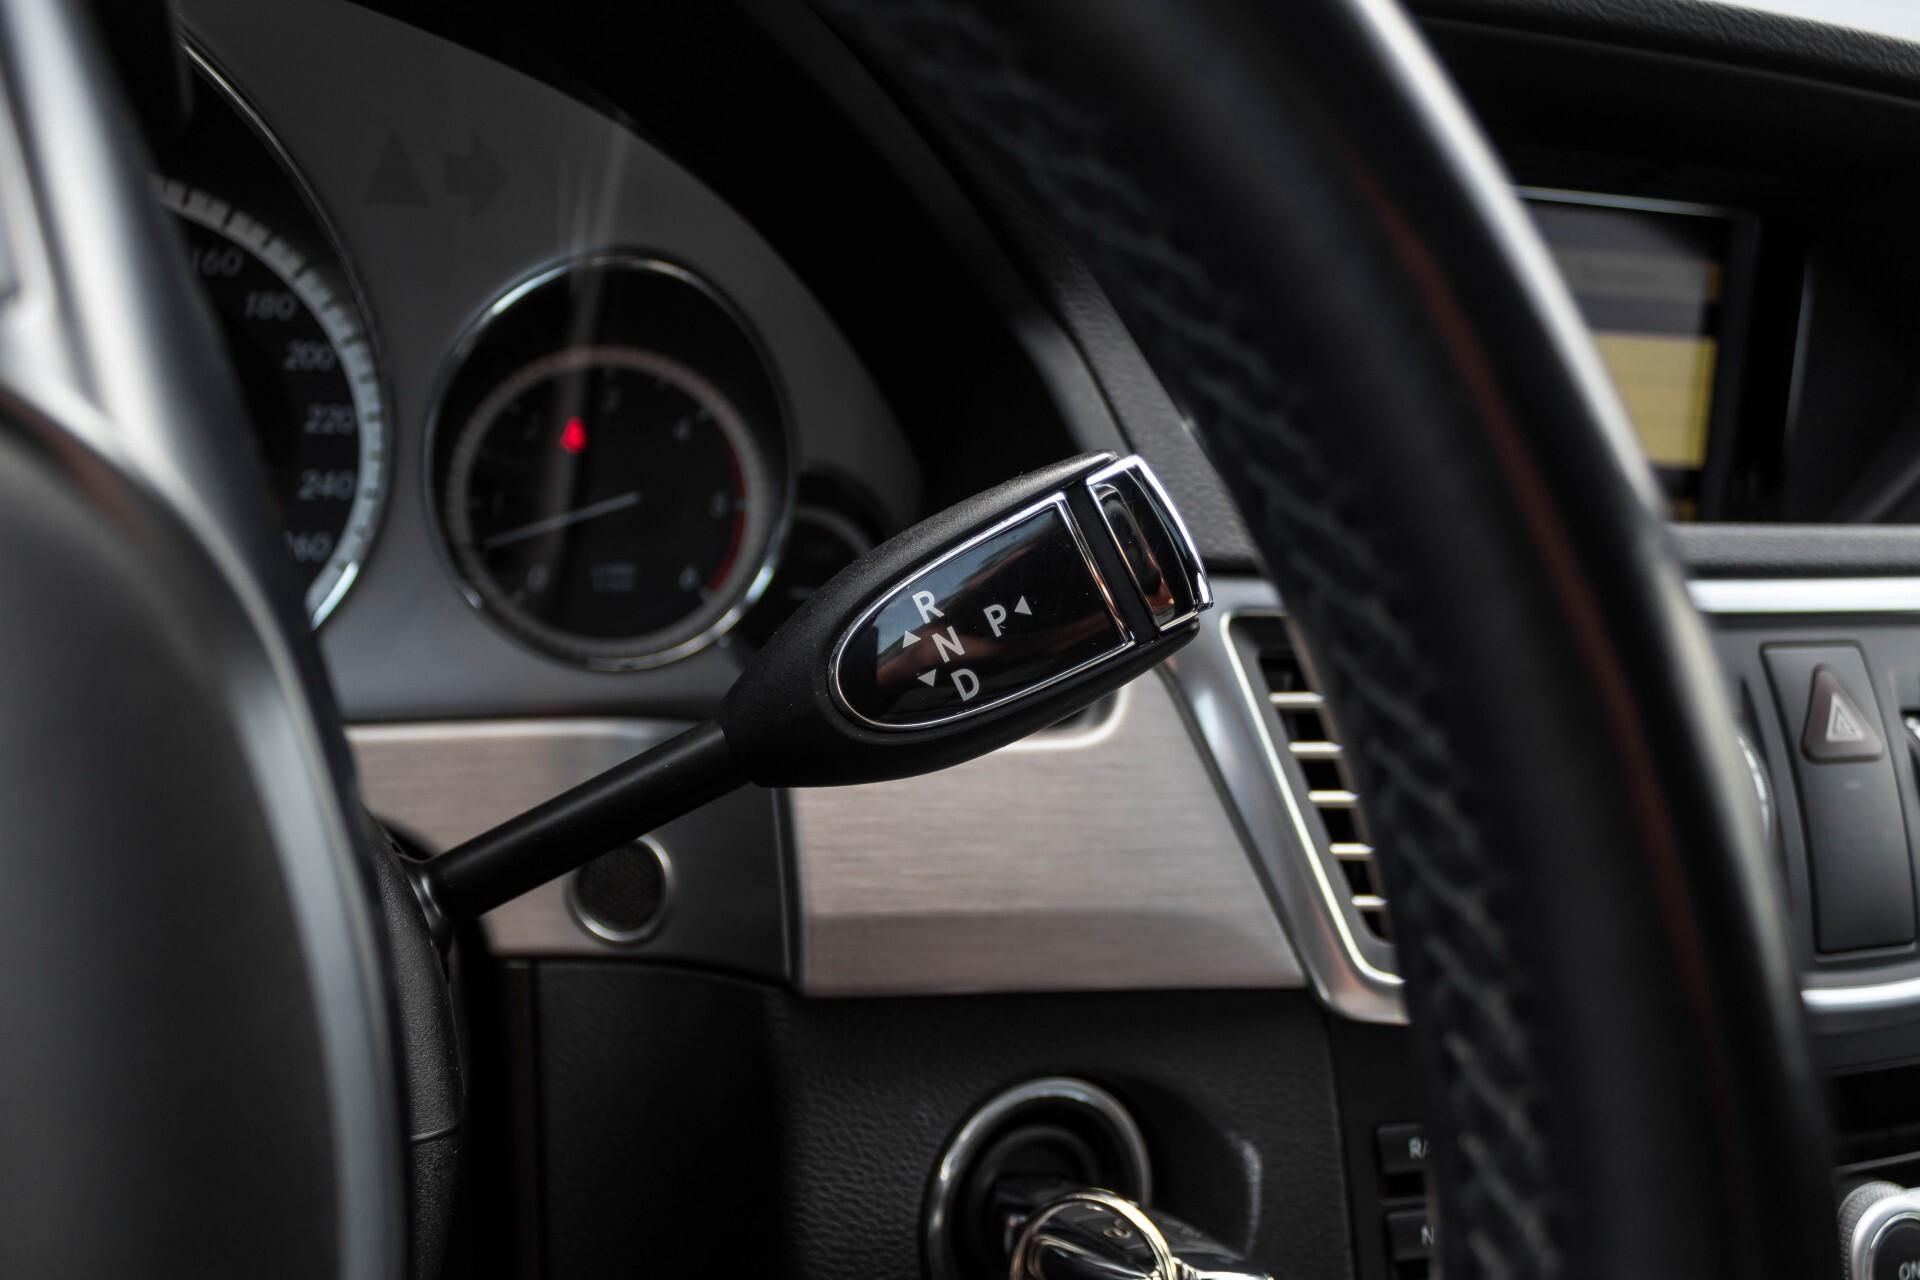 Mercedes-Benz E-Klasse Estate 350 Cdi AMG Luchtvering/Schuifdak/Comand/Harman Kardon/ILS Aut7 Foto 14